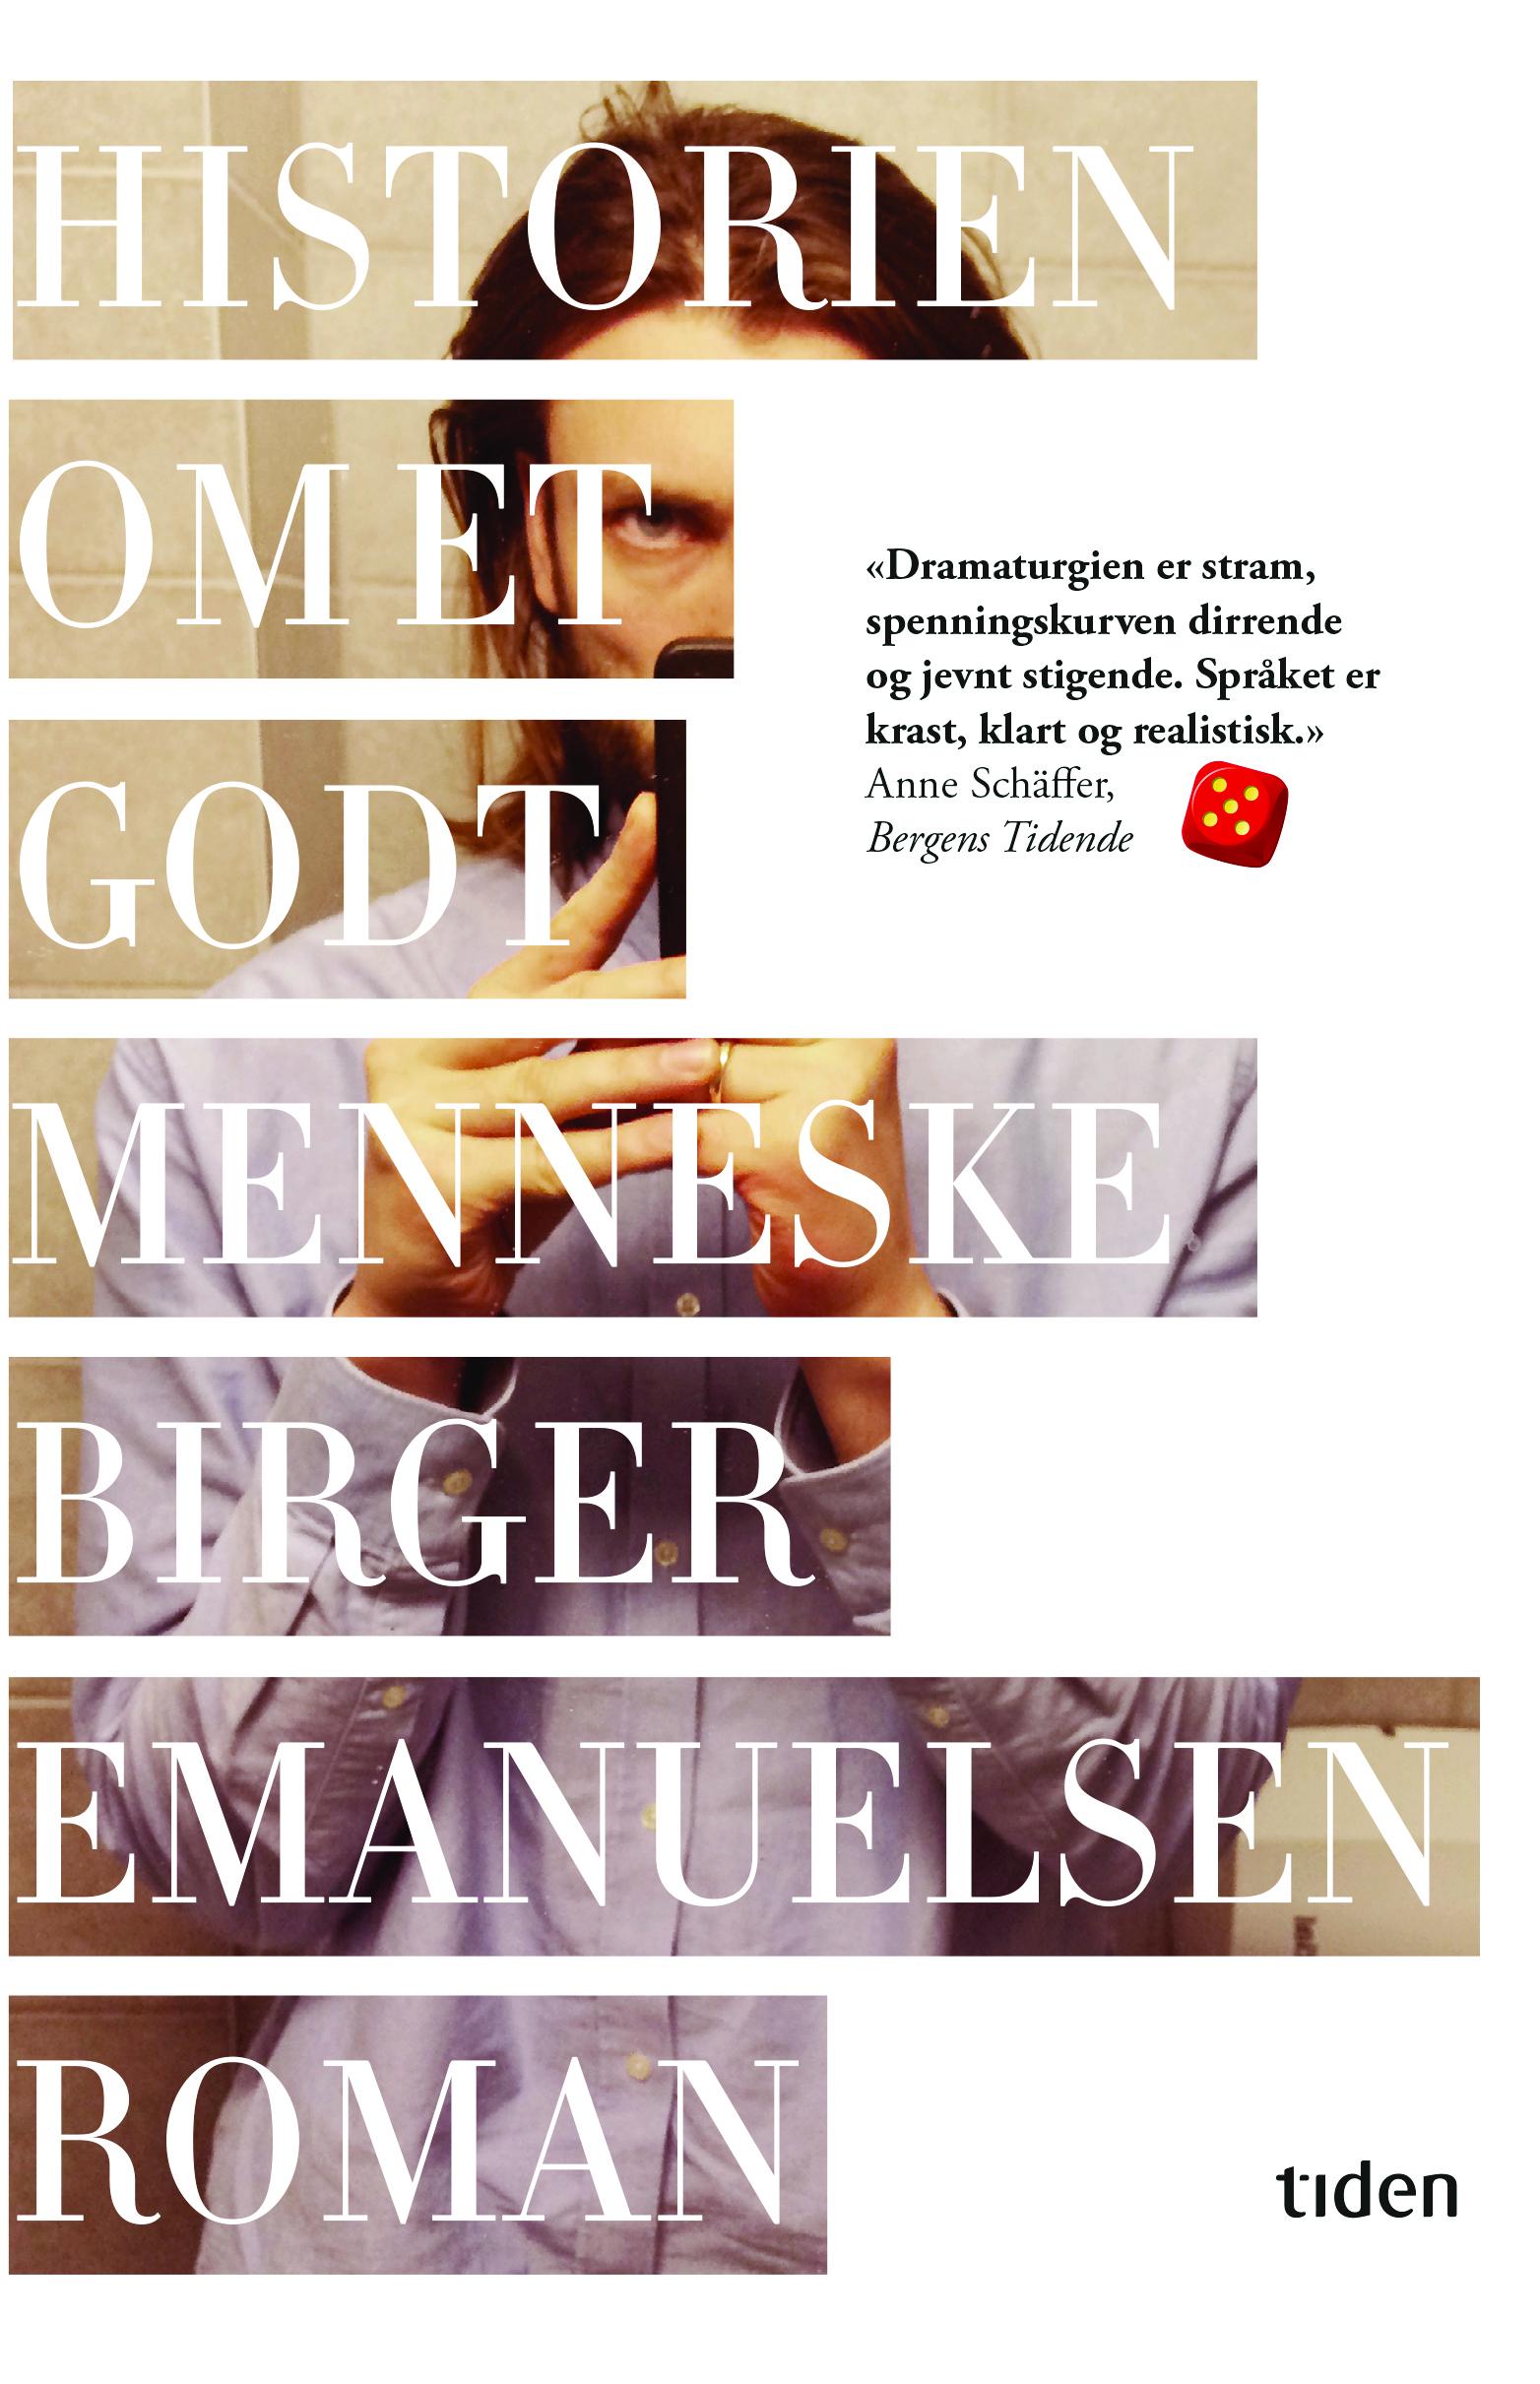 Historien om et godt menneske (2015)